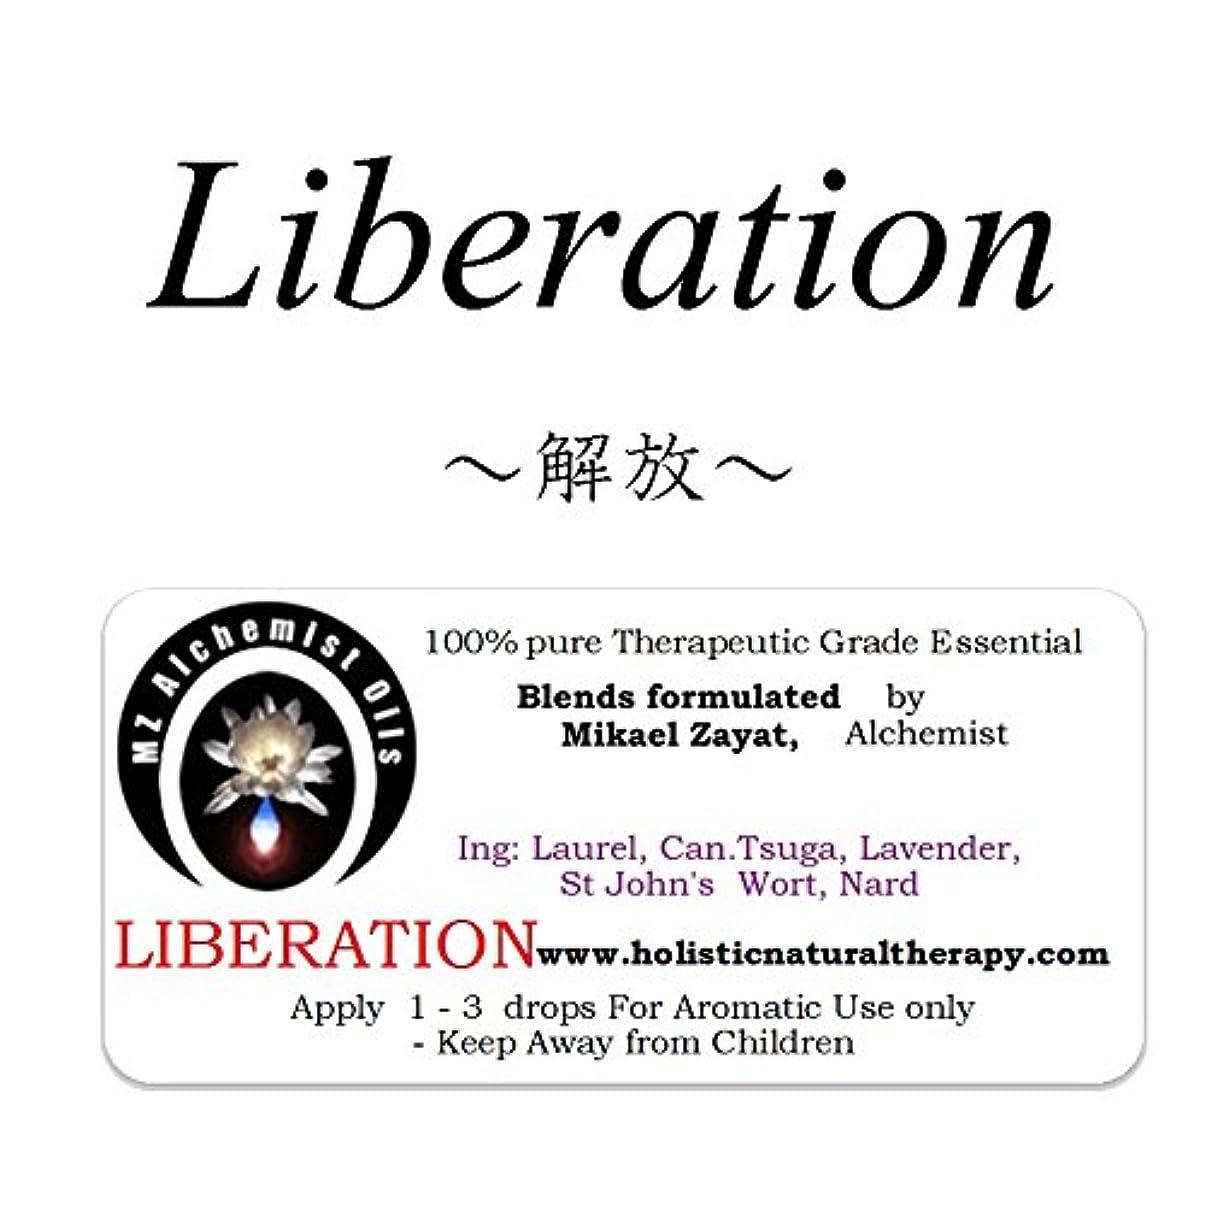 パッケージジャグリングウミウシミカエル?ザヤットアルケミストオイル セラピストグレードアロマオイル Liberation-リベレーション(解放)- 4ml